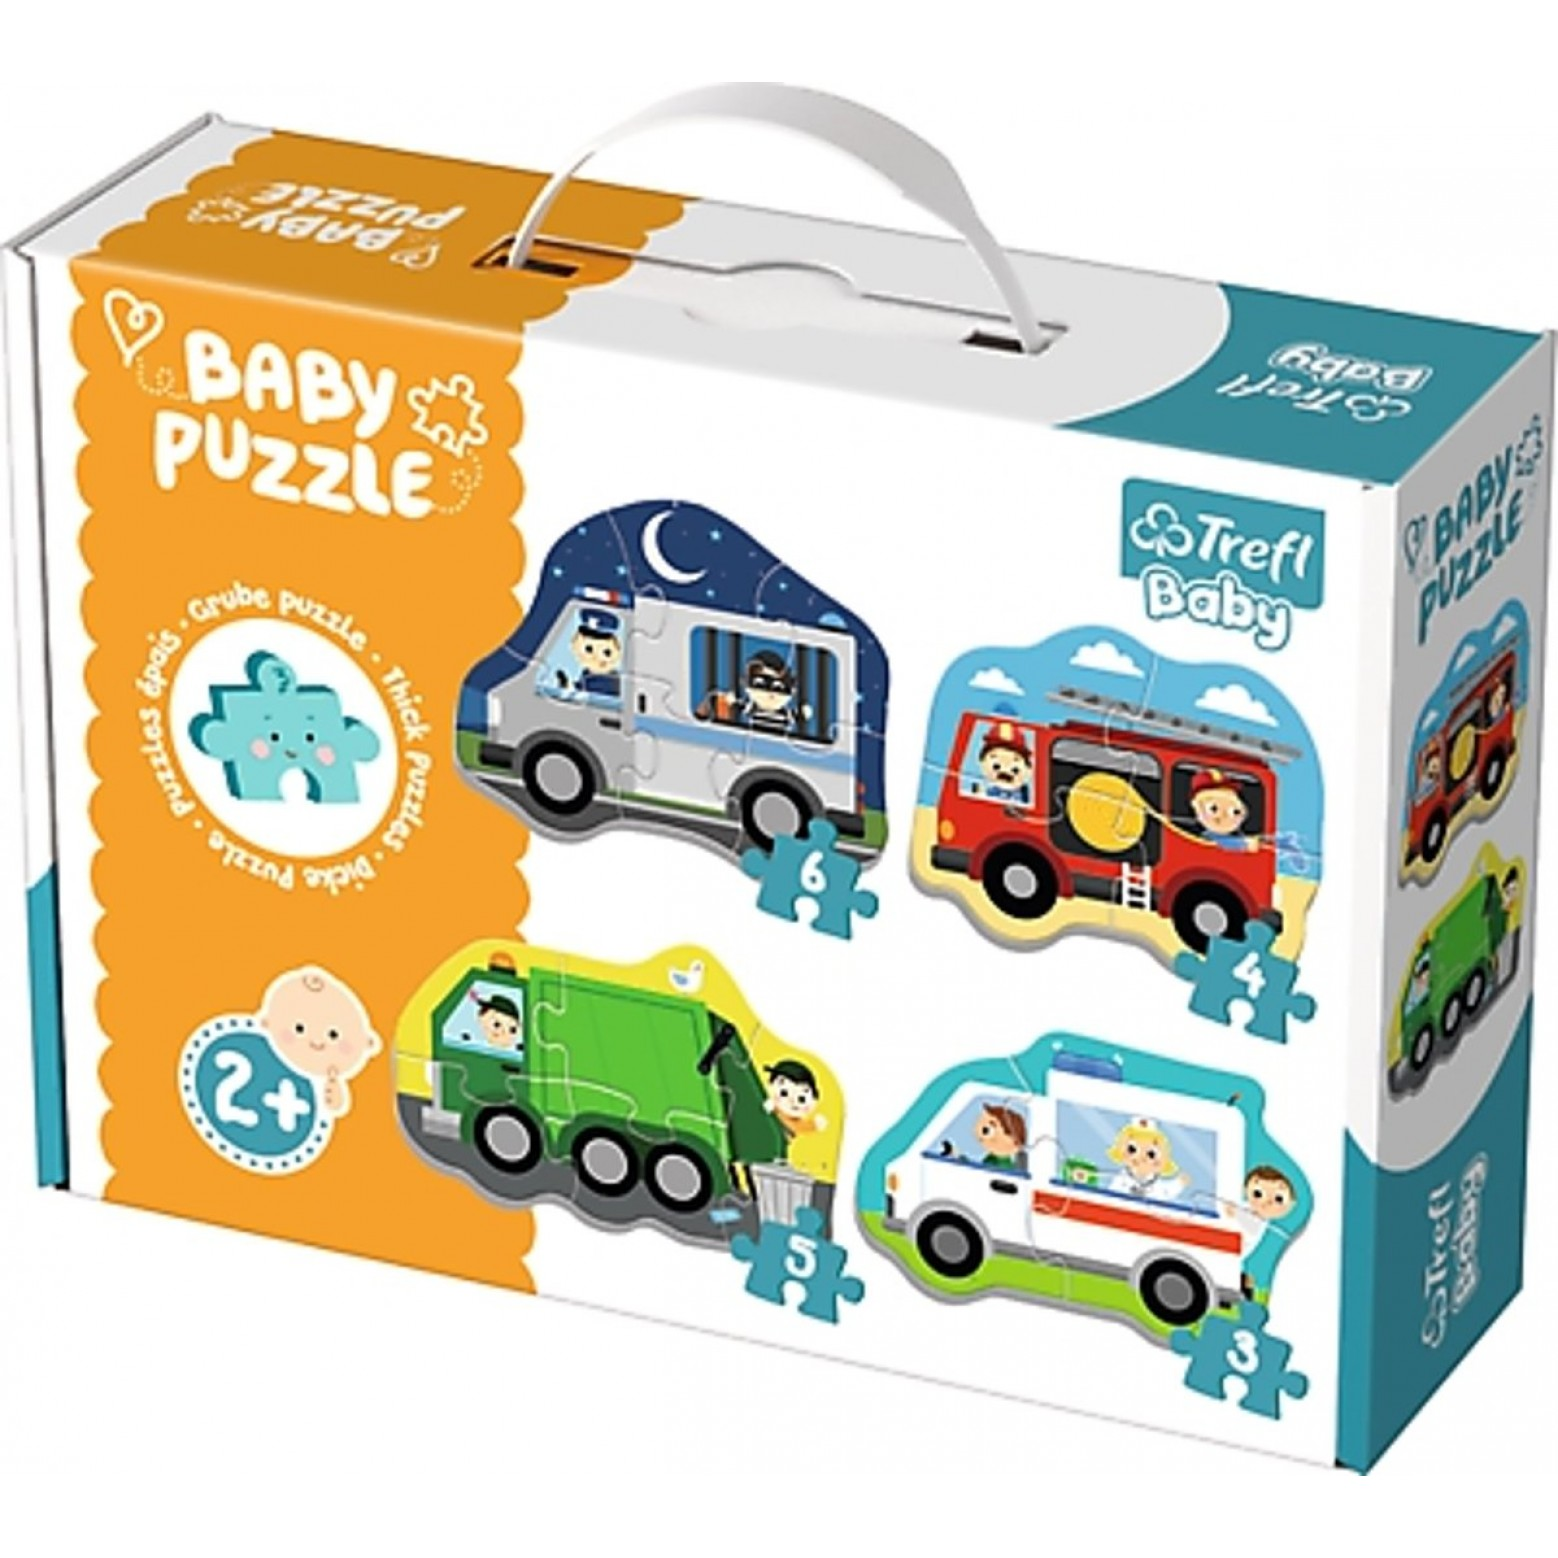 Trefl Baby puzzel voertuigen 2+